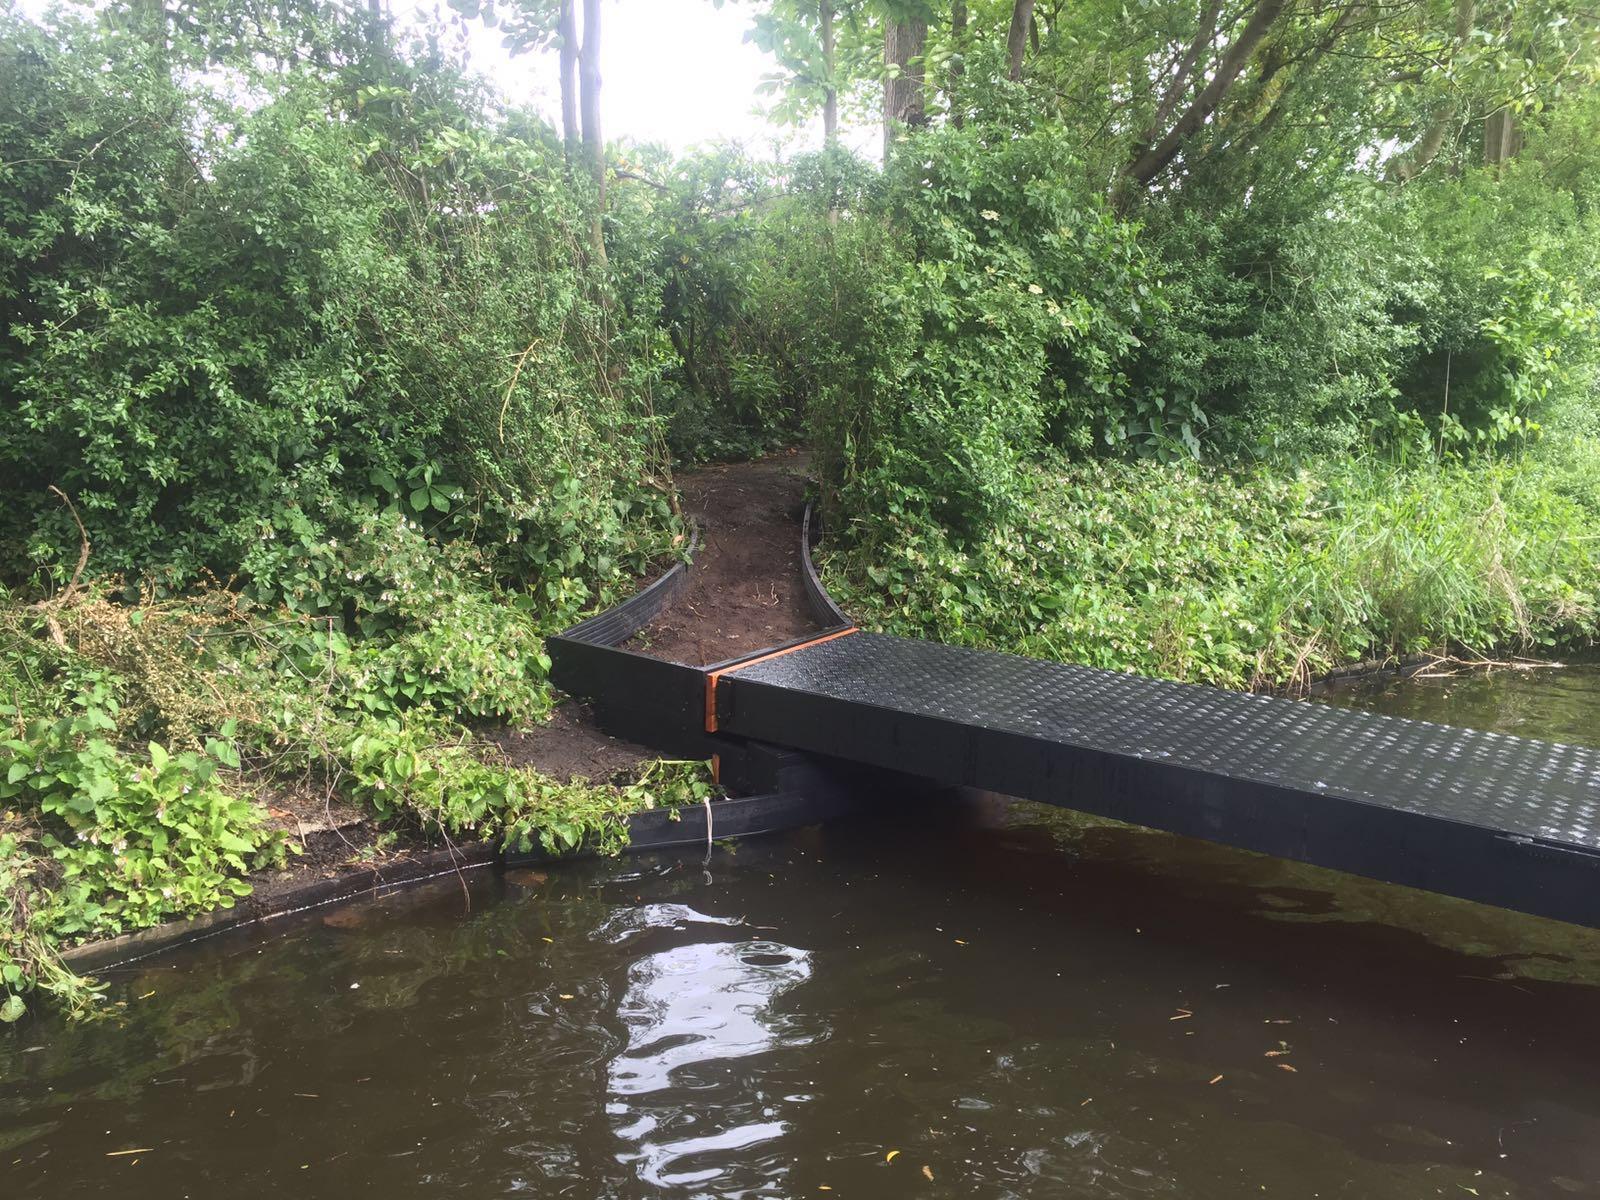 Schuifbrug - Aalsmeer3